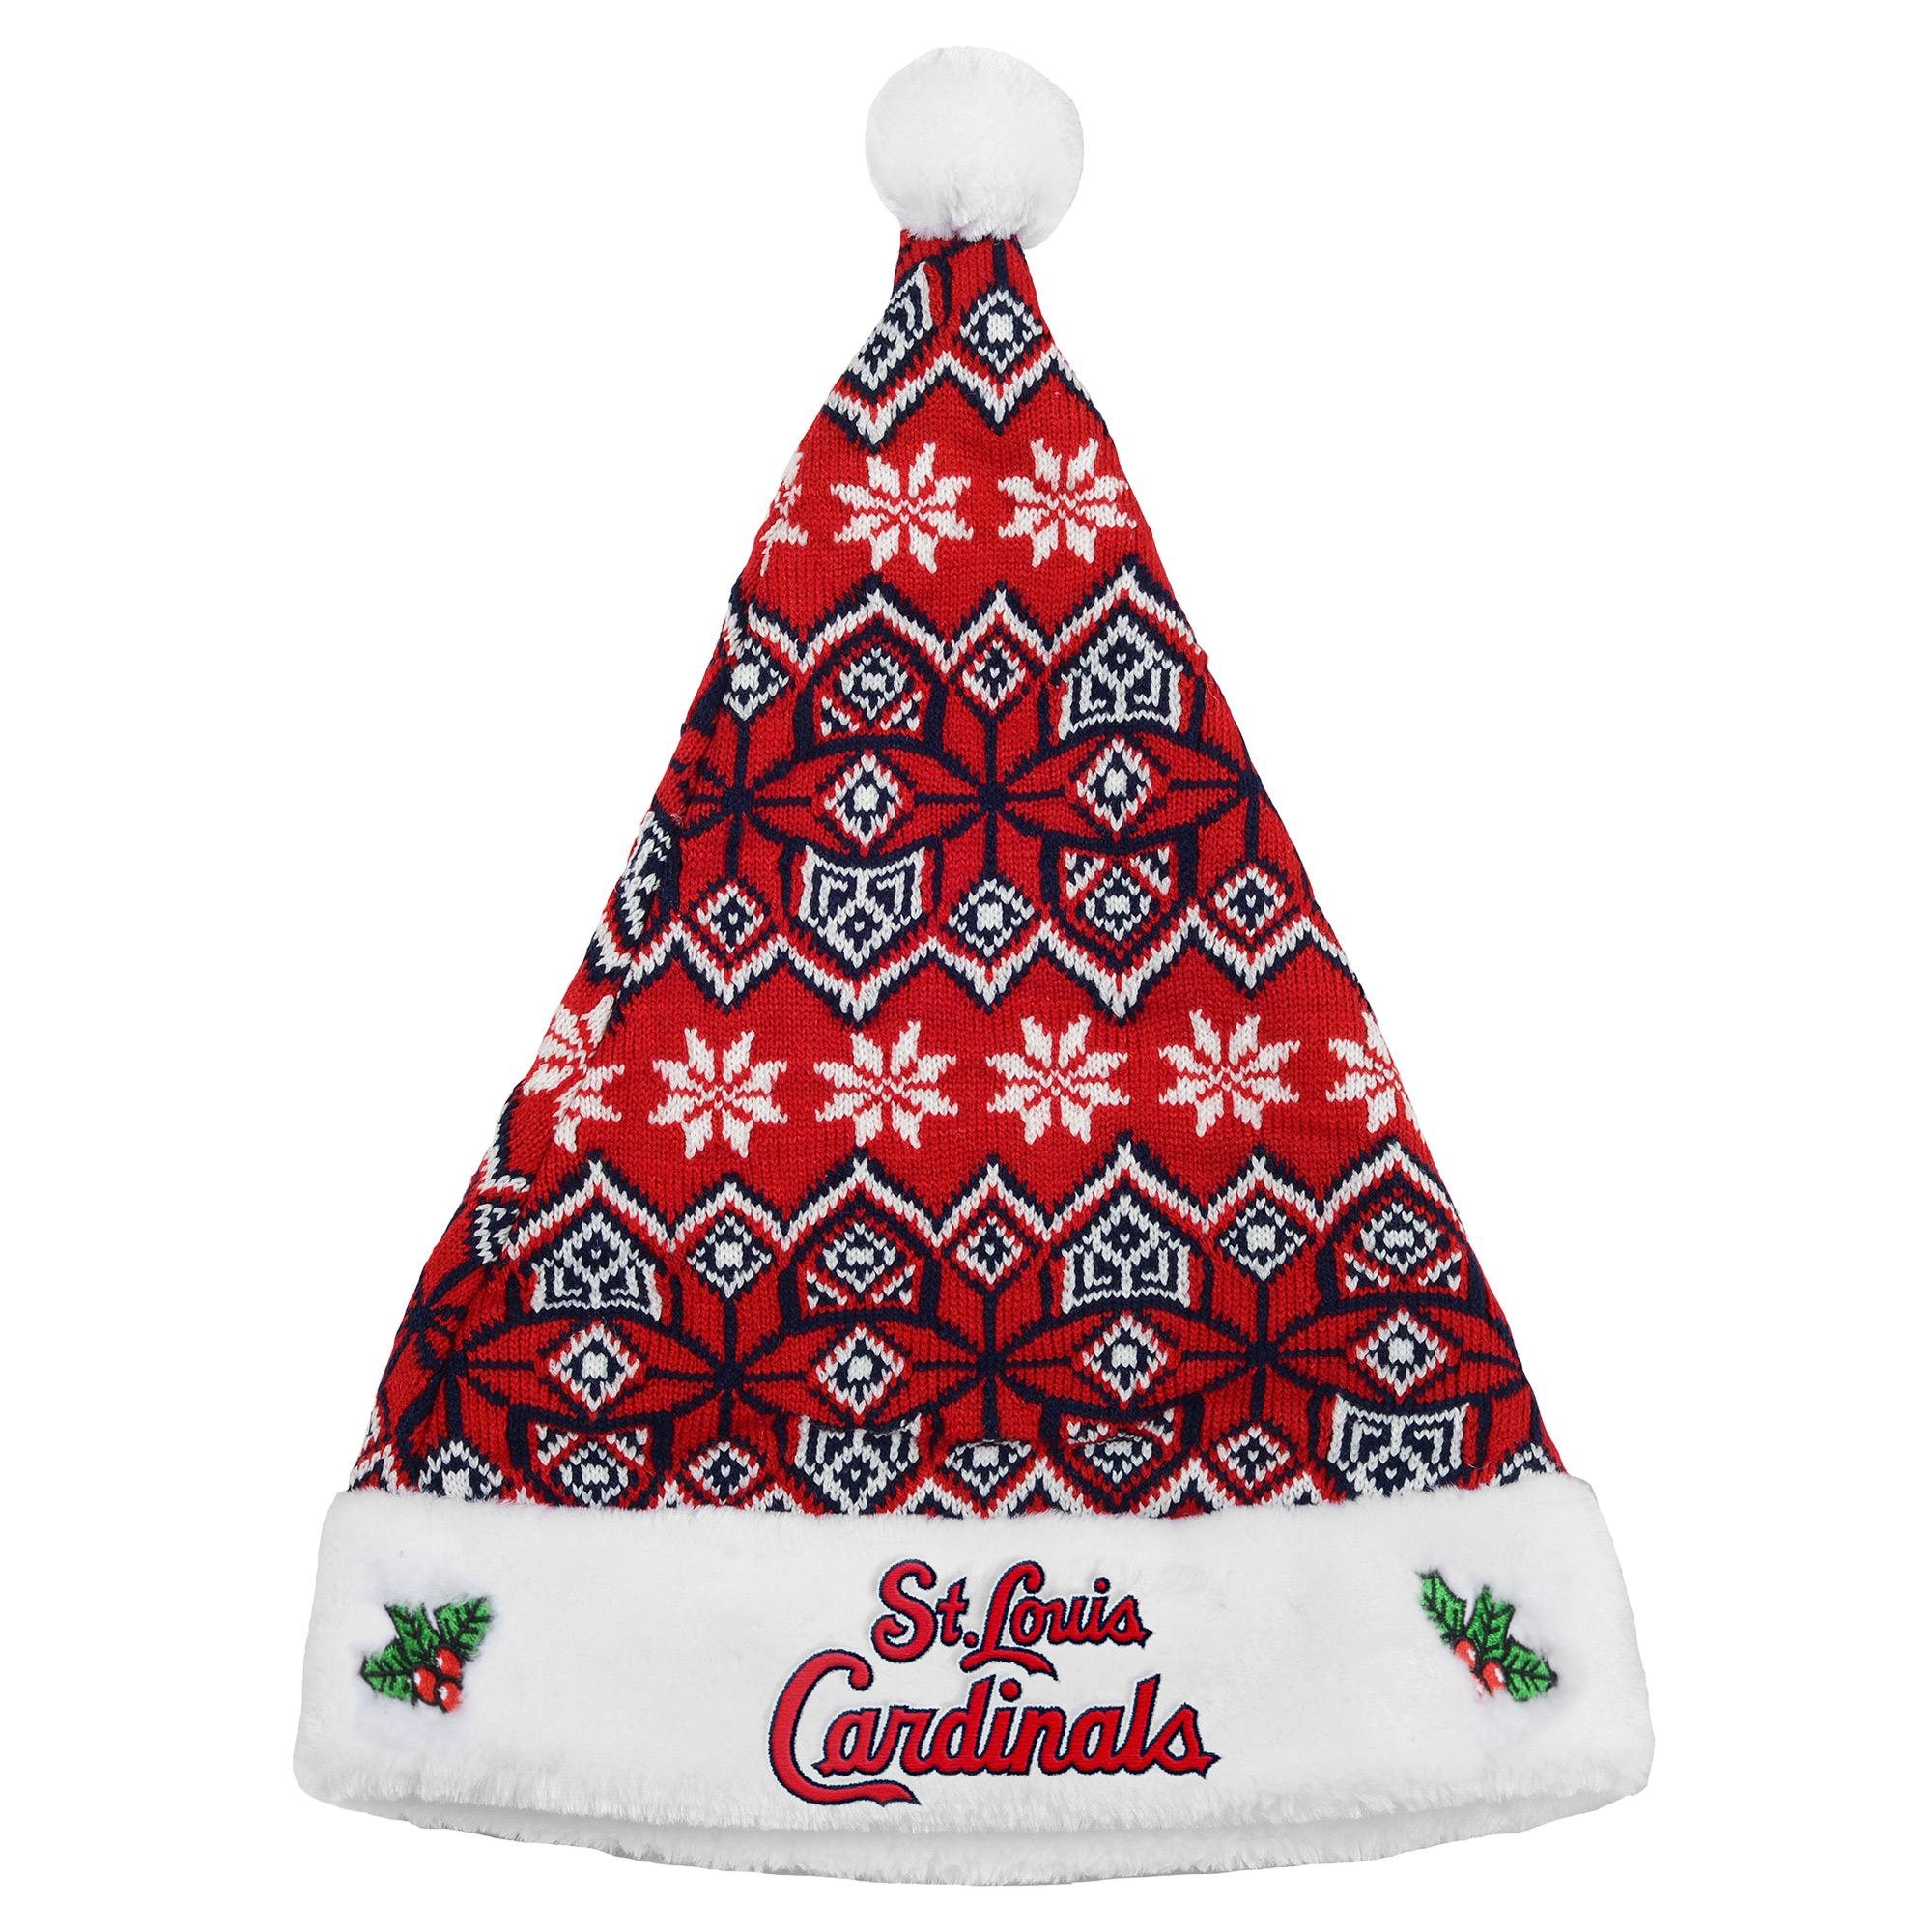 St. Louis Cardinals Knit Santa Hat - No Size